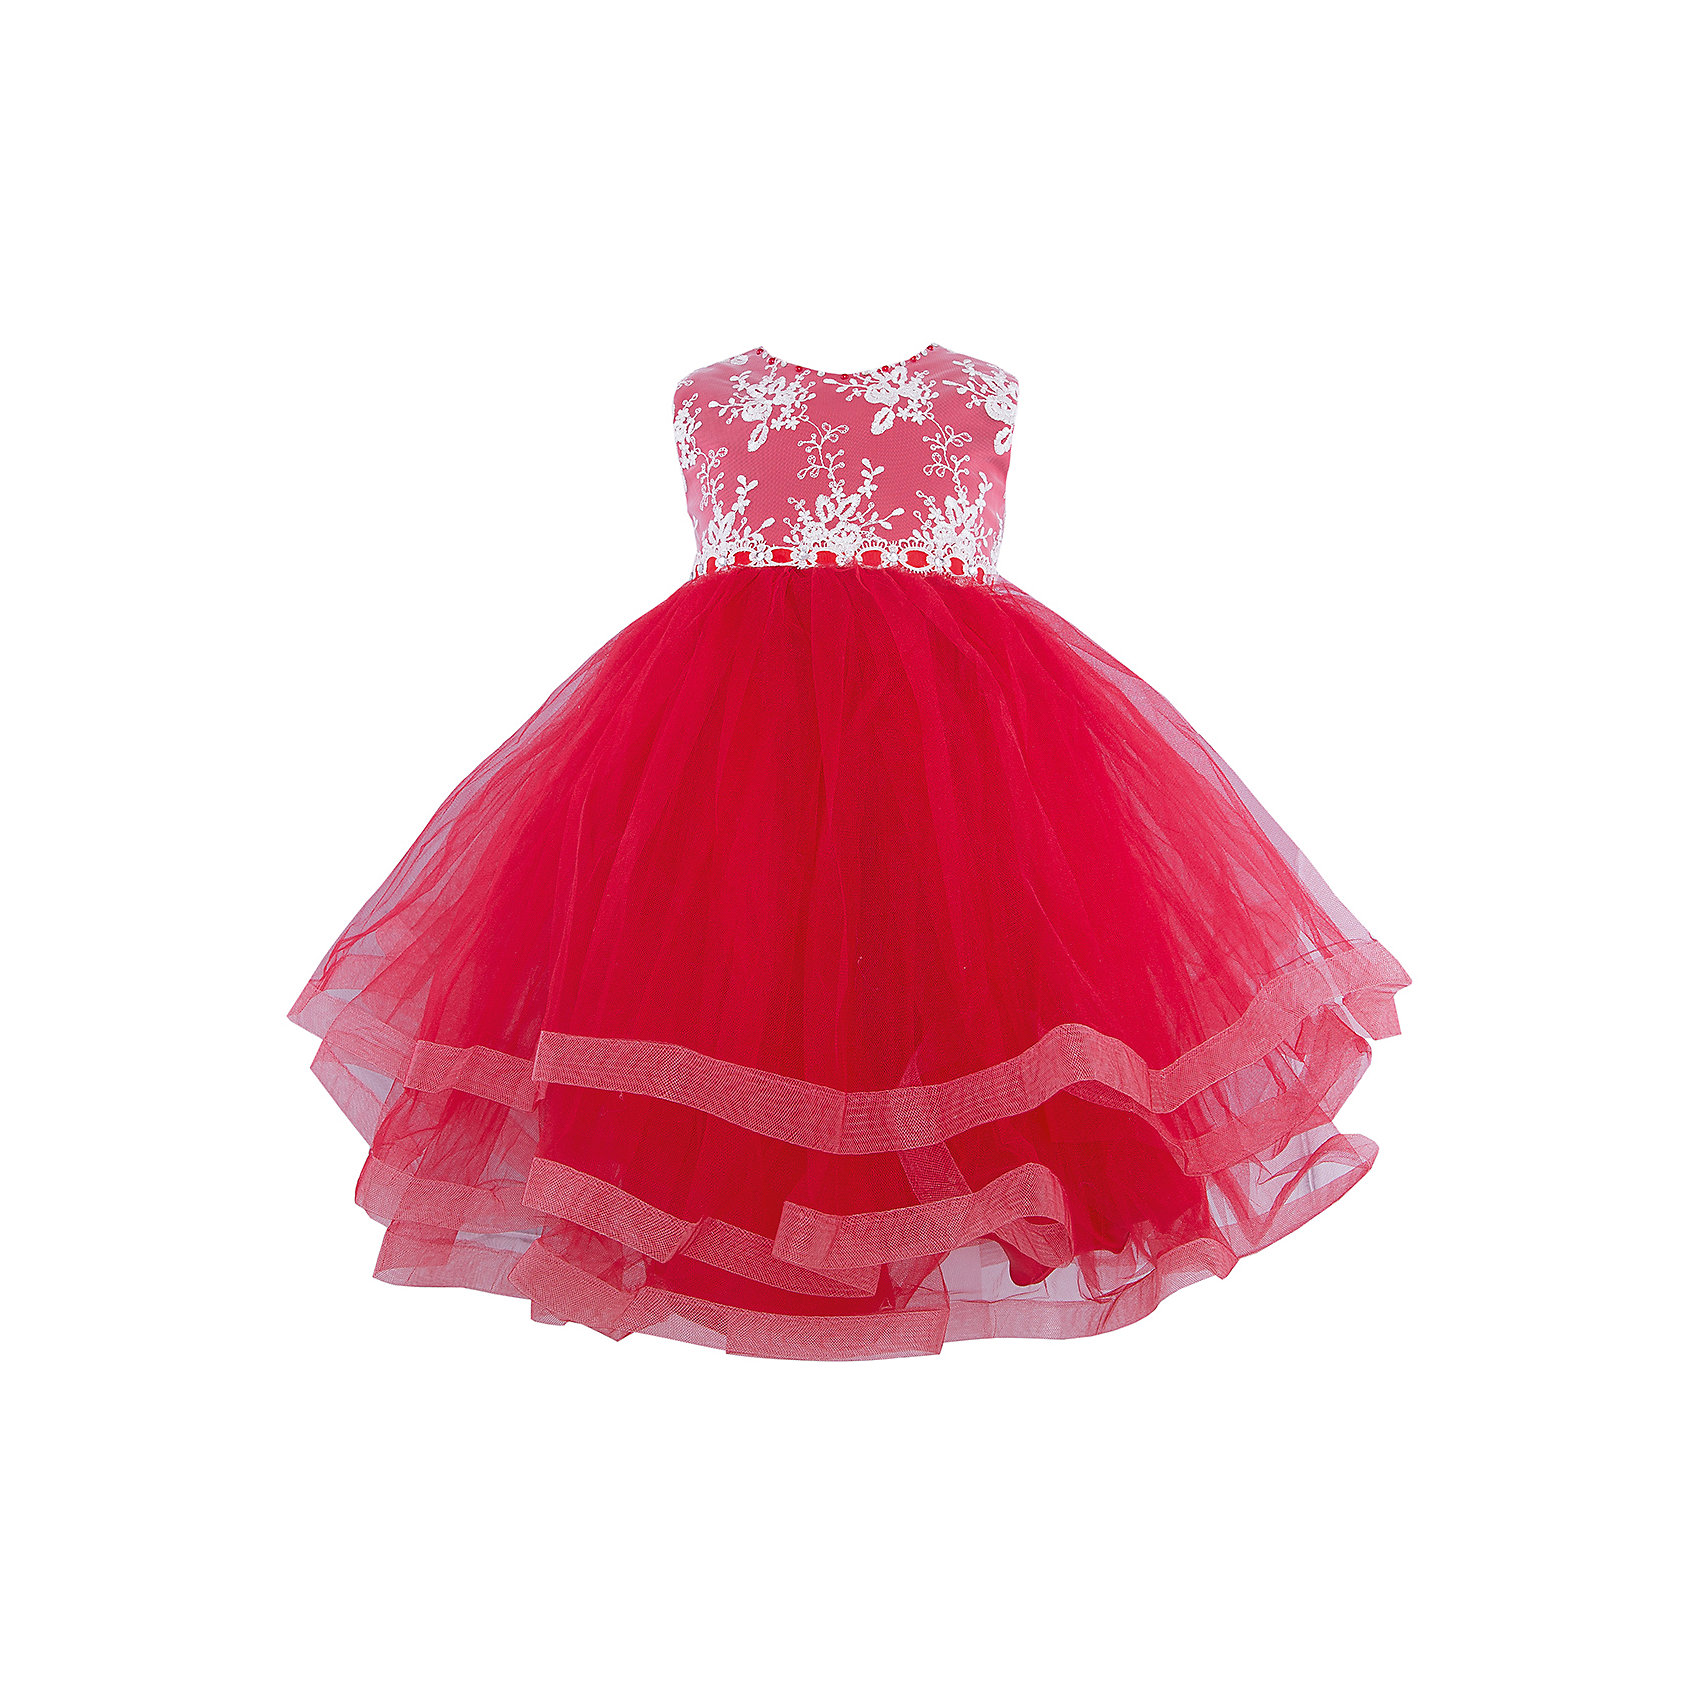 Платье нарядное ПрестижОдежда<br>Платье для девочки Престиж.<br><br>Характеристики:<br><br>• пышный силуэт<br>• без рукавов<br>• состав: 100% полиэстер<br>• цвет: красный<br><br>Платье для девочки Престиж - пышное и короткое. Пышная юбка и лиф, украшенный вышивкой, дополнены красивым поясом. Это платье создано специально для маленьких принцесс!<br><br>Платье регулируется шнуровкой сзади, от талии до верха спинки. Шнуровка в комплекте.<br>Платье подходит для занятий бальными танцами.<br><br>Платье для девочки Престиж вы можете купить в нашем интернет-магазине.<br><br>Ширина мм: 236<br>Глубина мм: 16<br>Высота мм: 184<br>Вес г: 177<br>Цвет: красный<br>Возраст от месяцев: 48<br>Возраст до месяцев: 60<br>Пол: Женский<br>Возраст: Детский<br>Размер: 110,116,104<br>SKU: 5158409